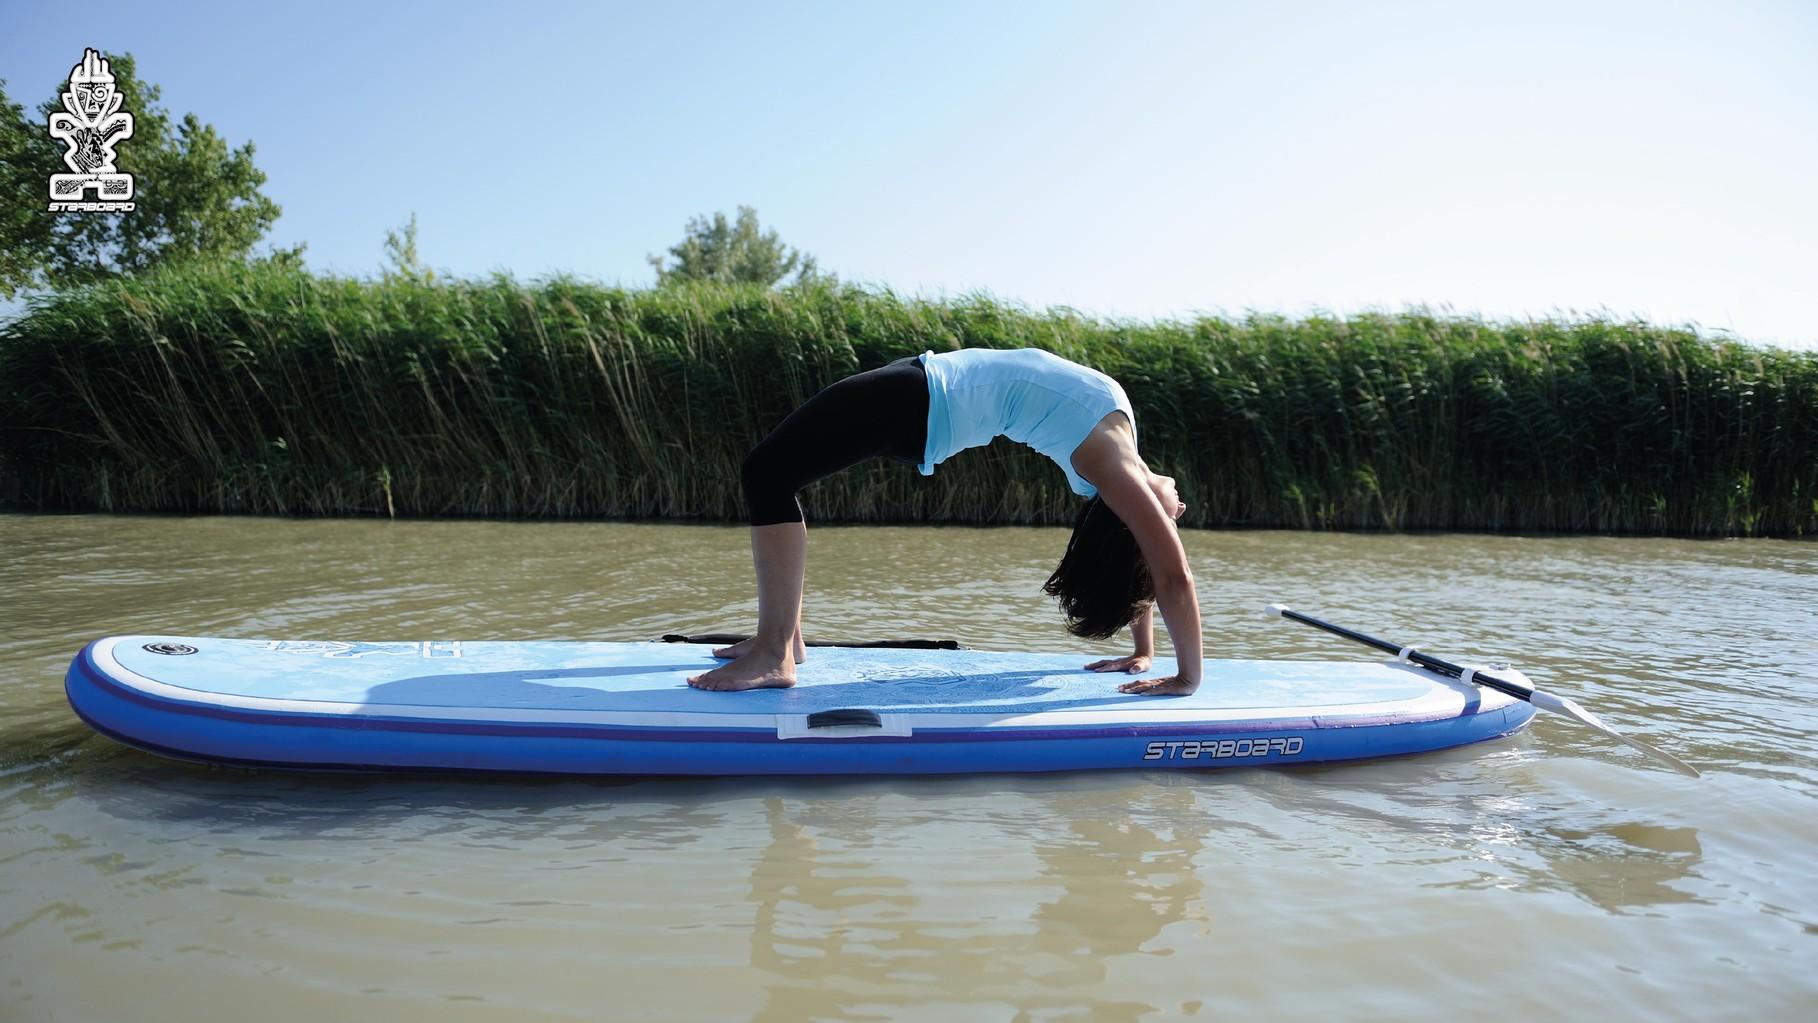 Mit dem Starboard Tiki fit bringt SUP Yoga richtig Spaß.